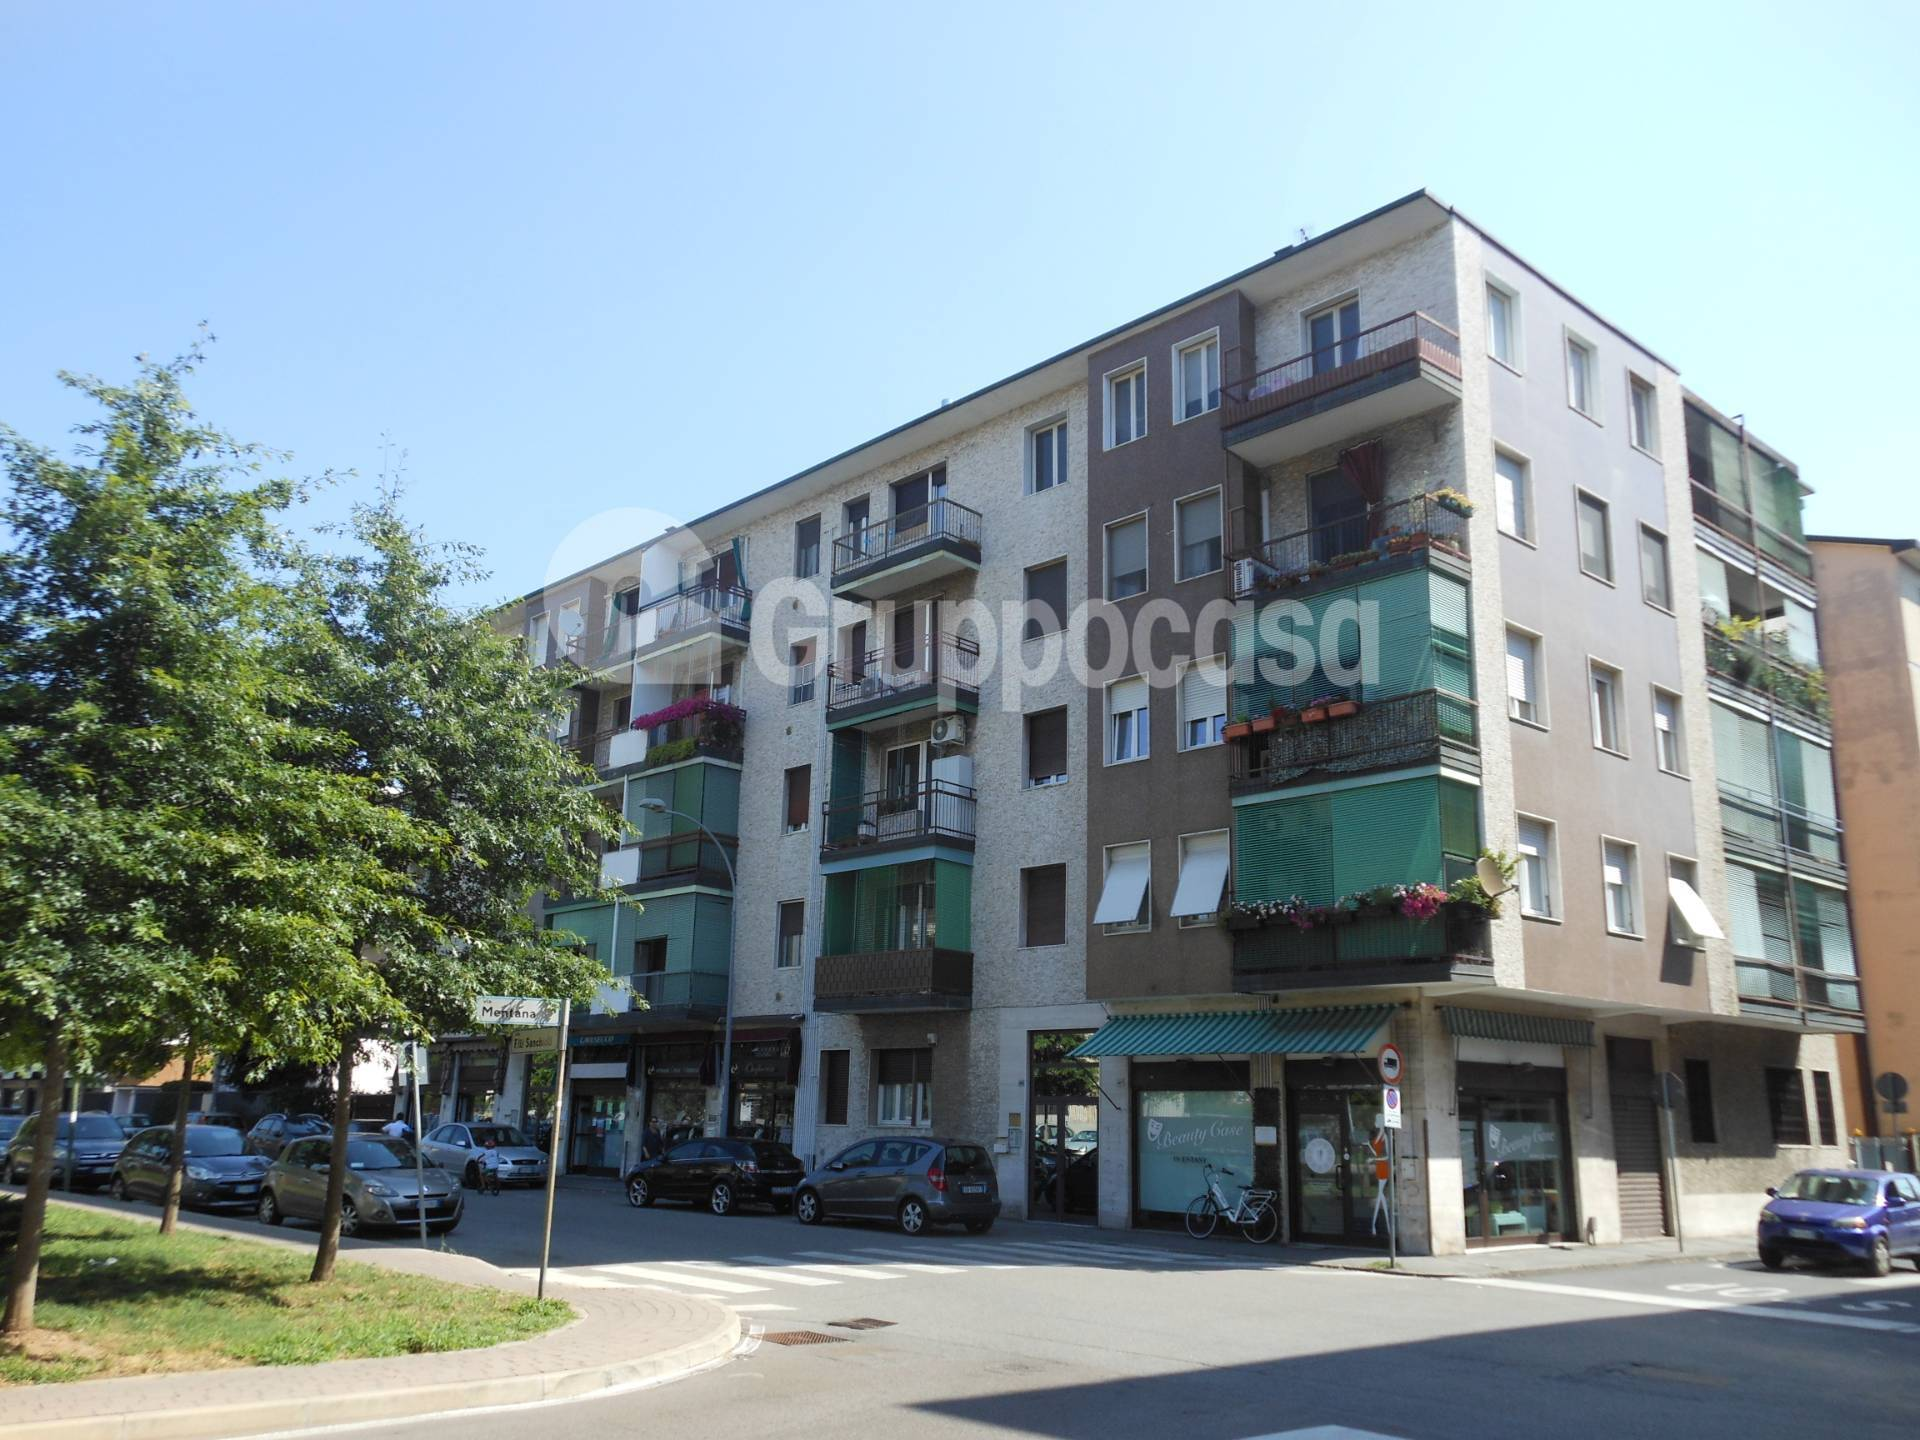 Appartamento in vendita a Magenta, 3 locali, prezzo € 88.000 | PortaleAgenzieImmobiliari.it